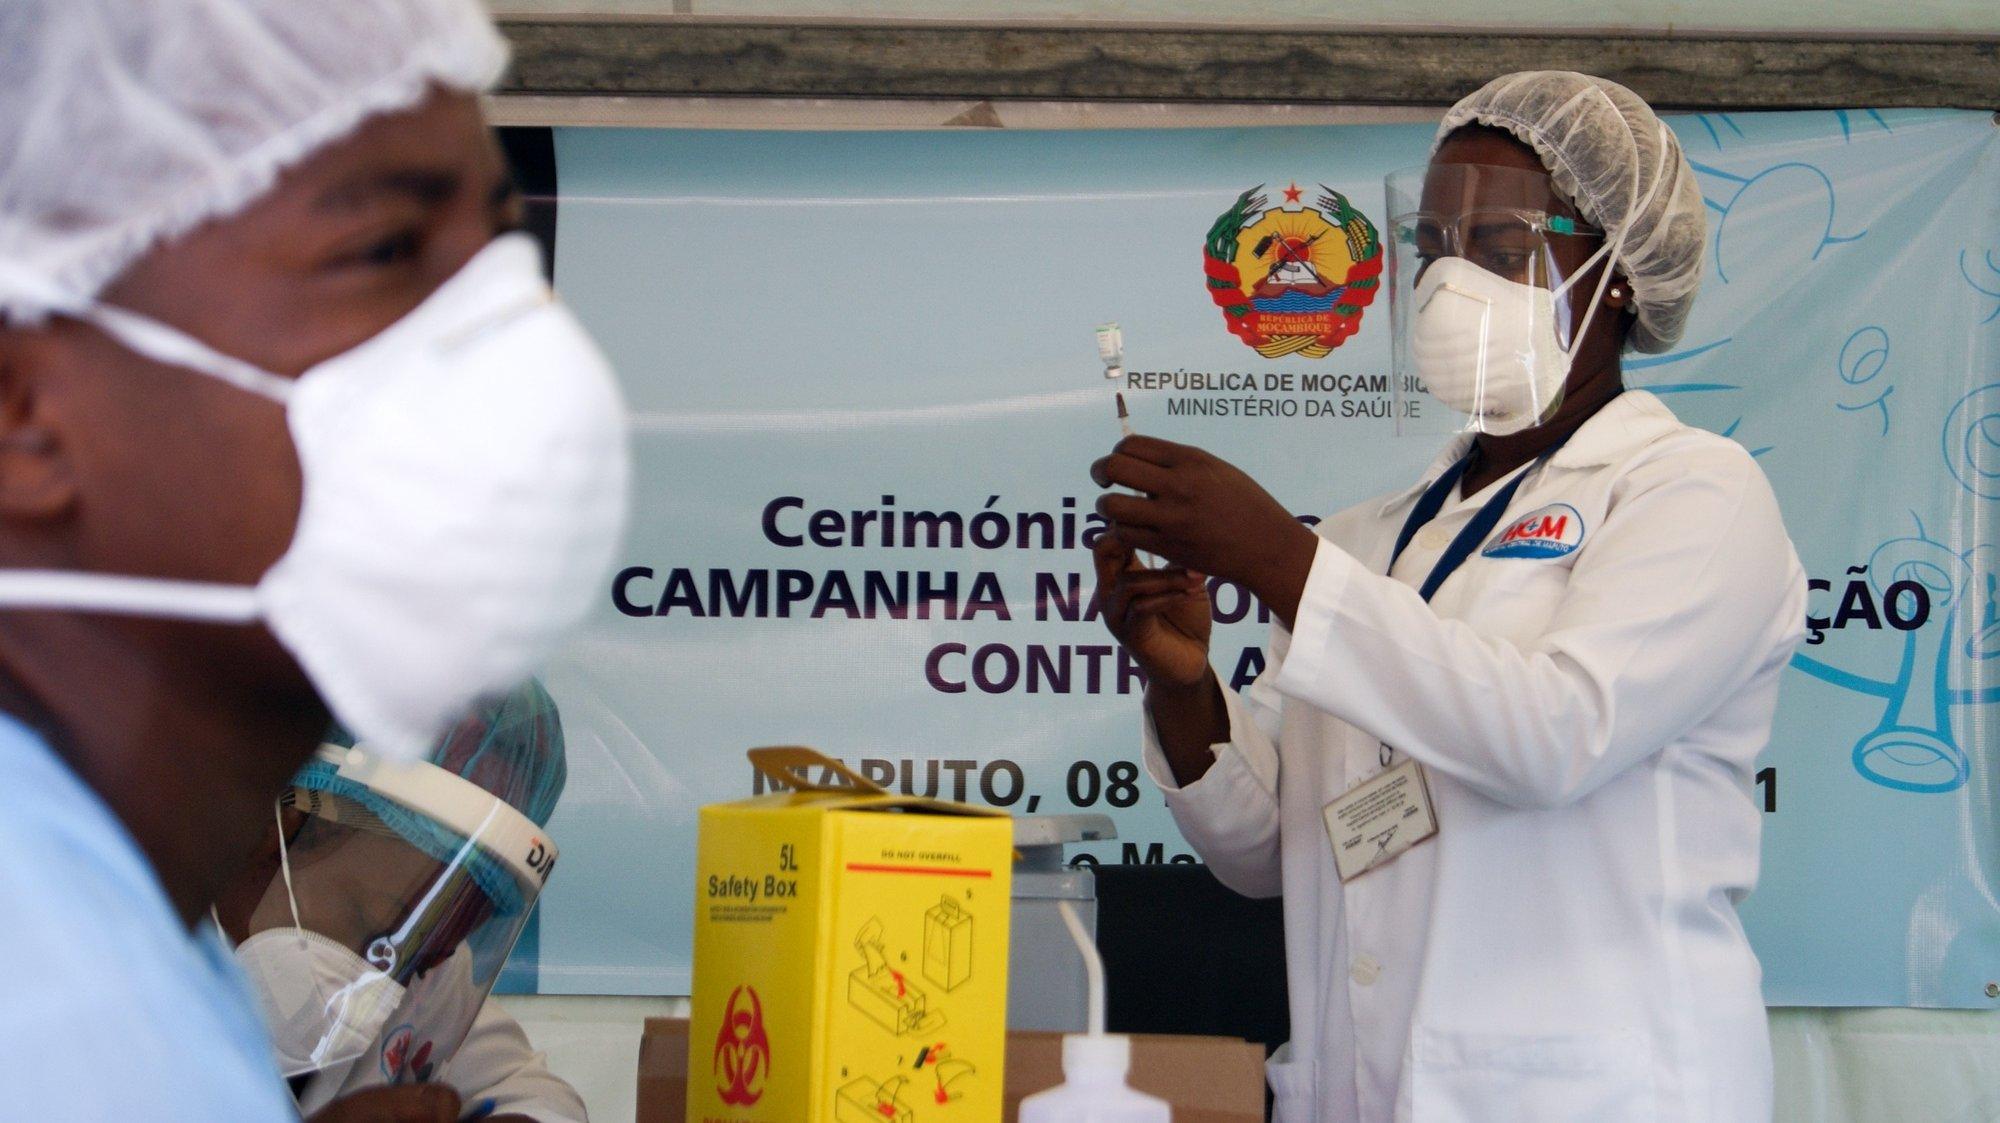 Início da vacinação contra a covid-19, em Maputo, Moçambique, 08 de março de 2021. O plano de vacinação lançado hoje está estimado em quase dois mil milhões de meticais (23 milhões de euros) e vai dar prioridade aos profissionais que estão na linha da frente do combate à epidemia. LUÍSA NHANTUMBO/LUSA